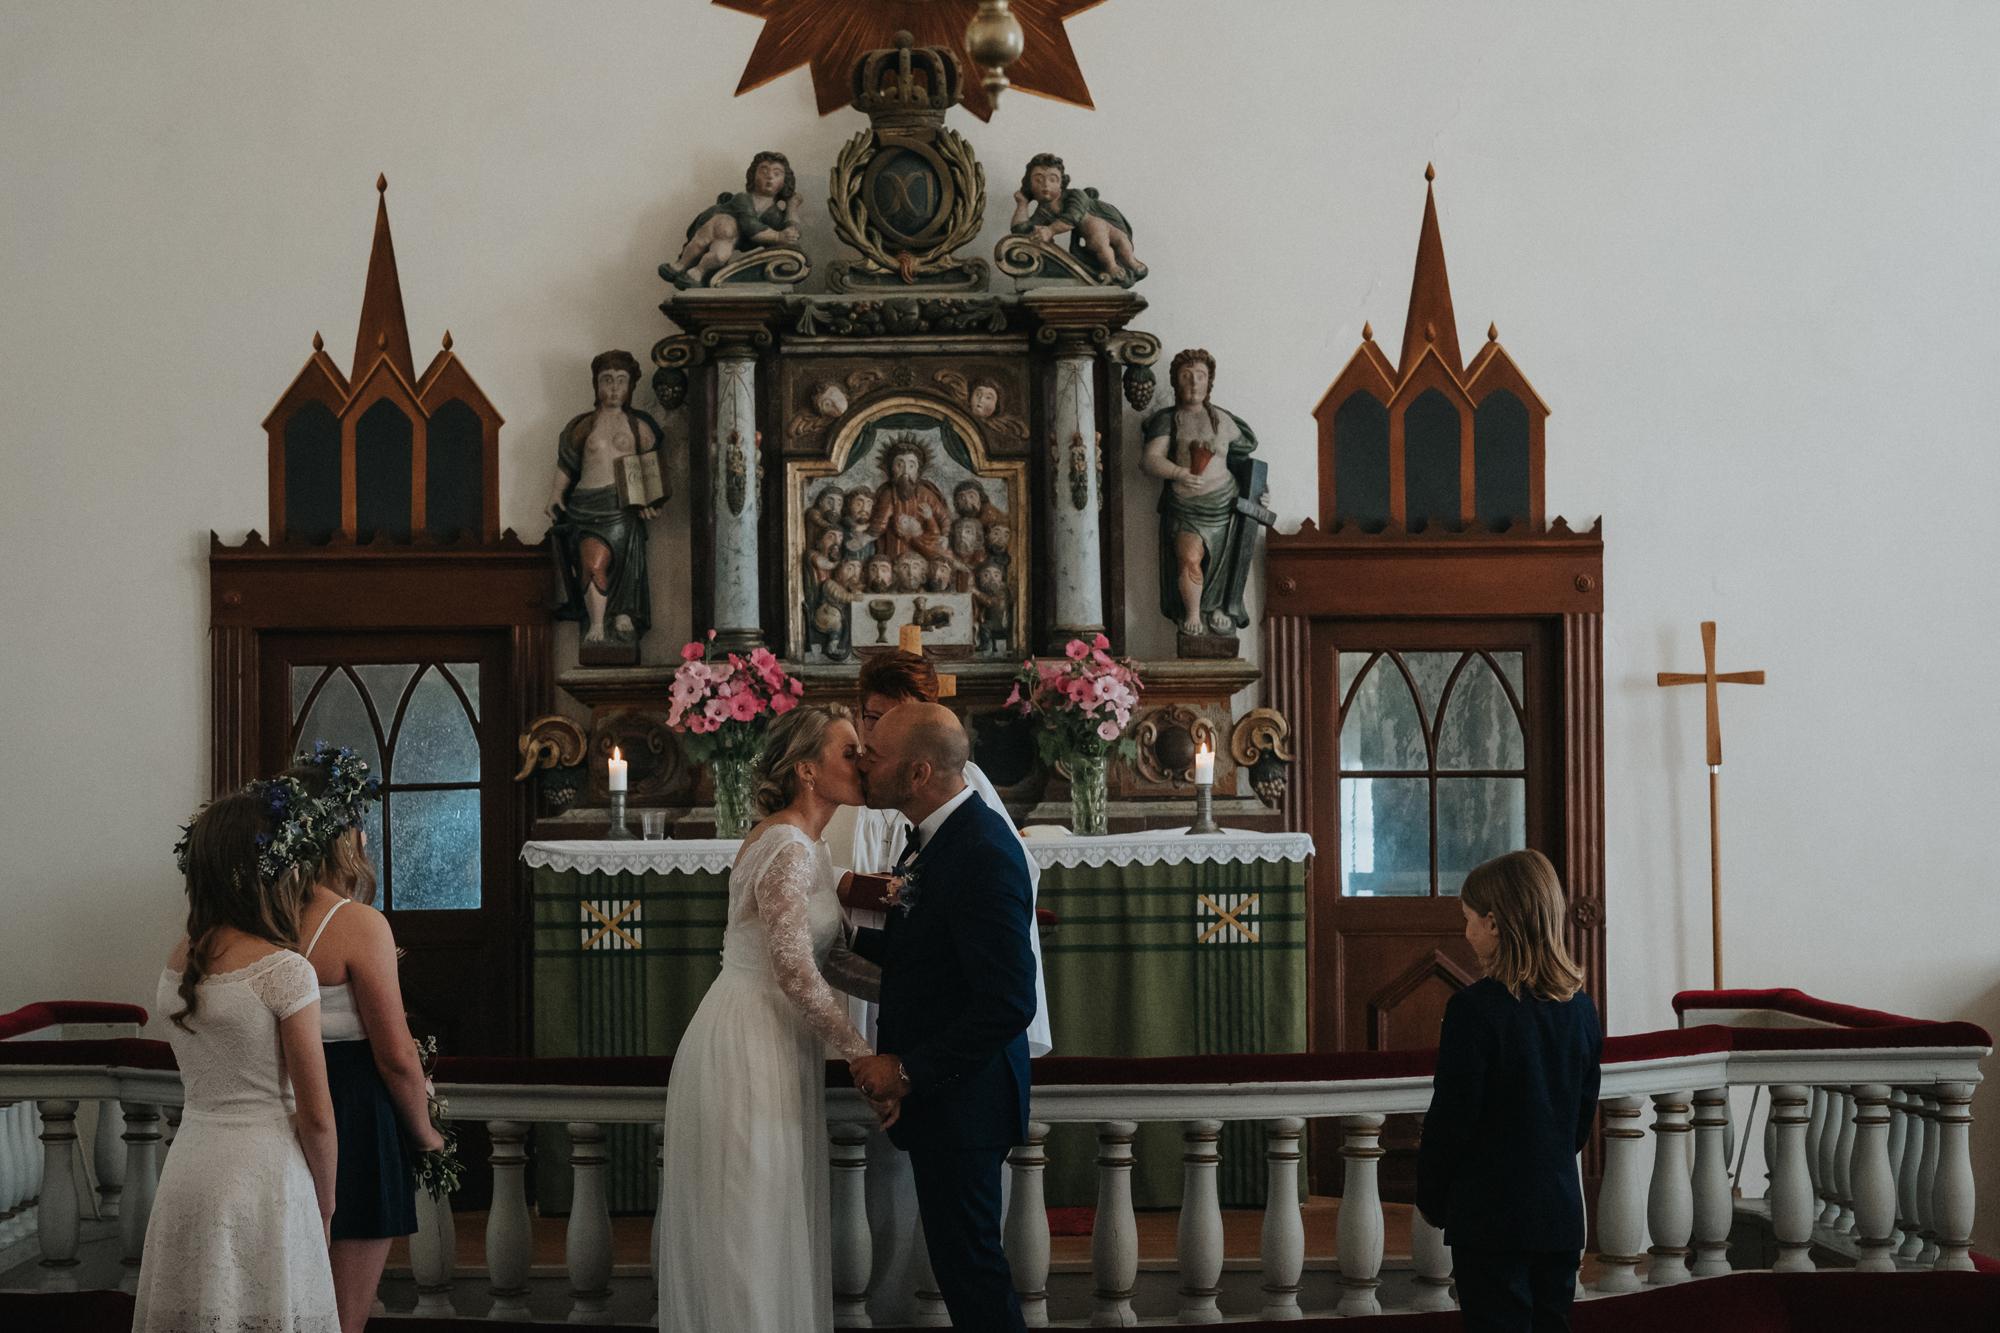 020-bröllop-fårö-kyrka.jpg